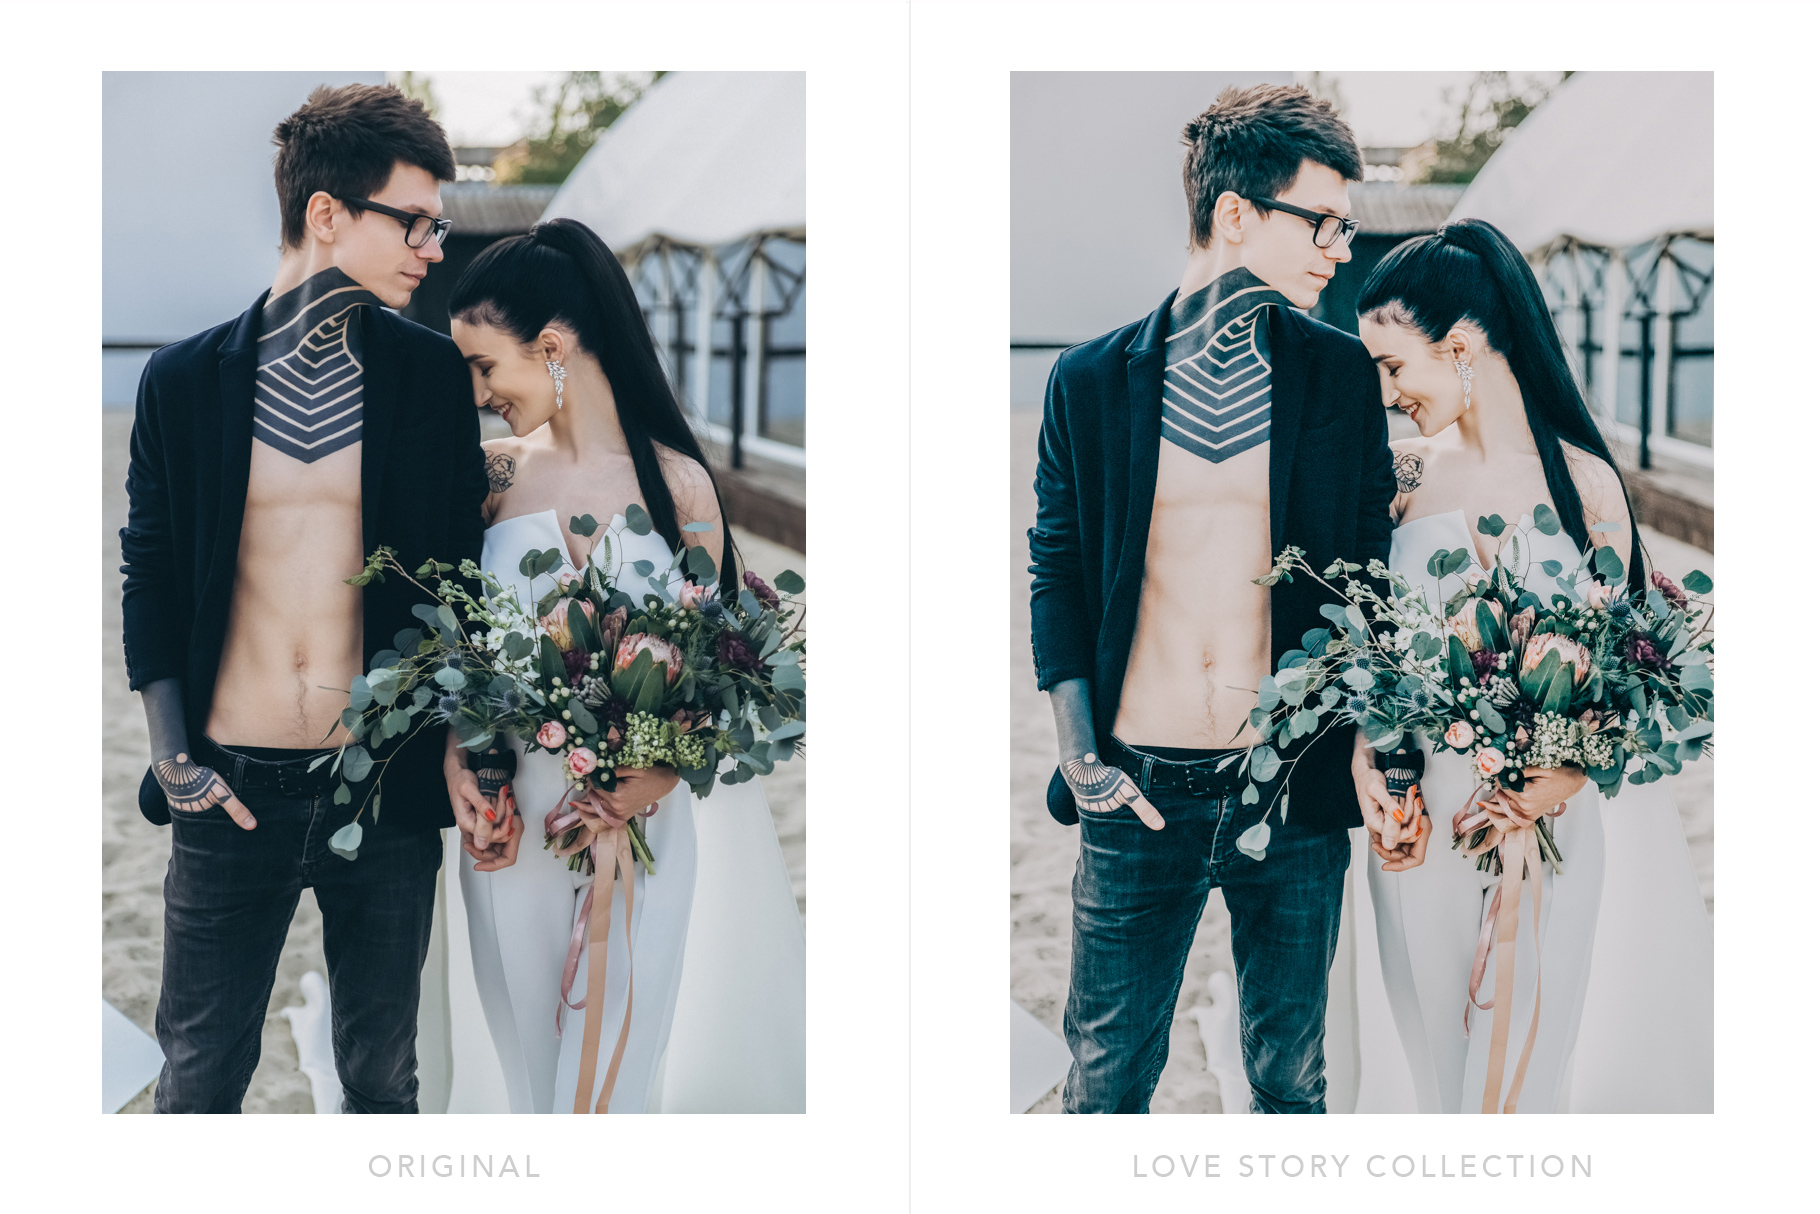 婚礼准备的照片设计